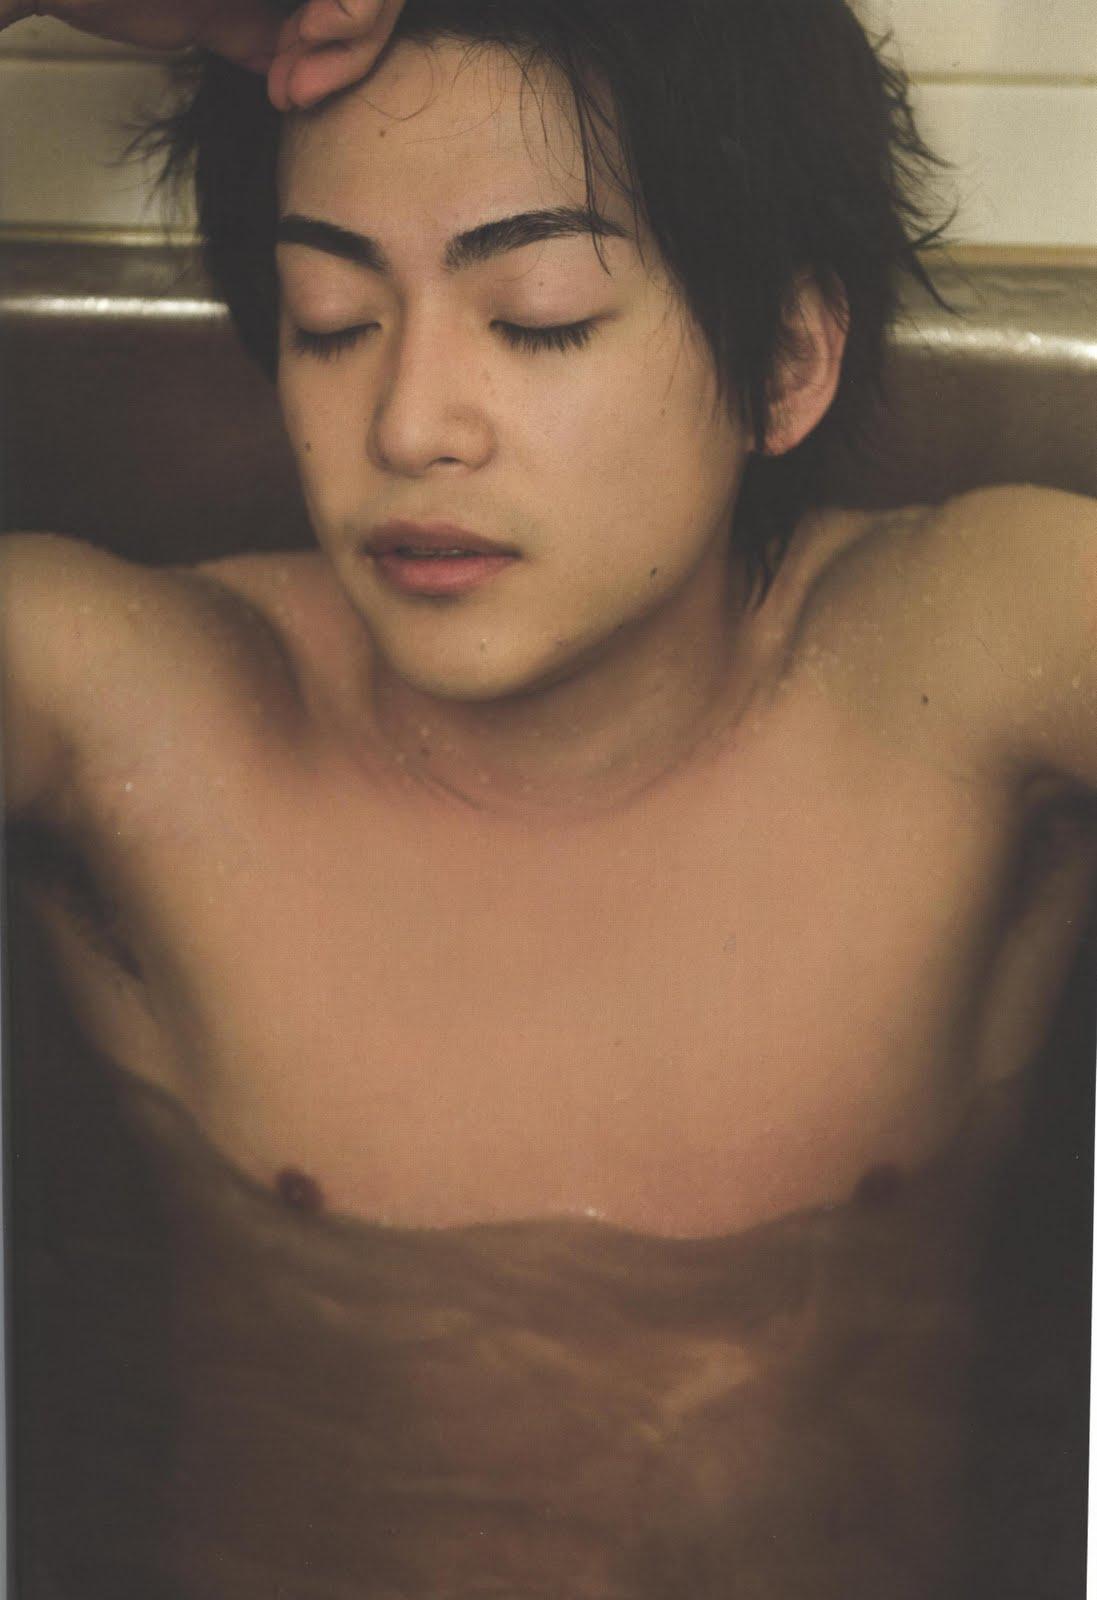 Daito Shunsuke 060